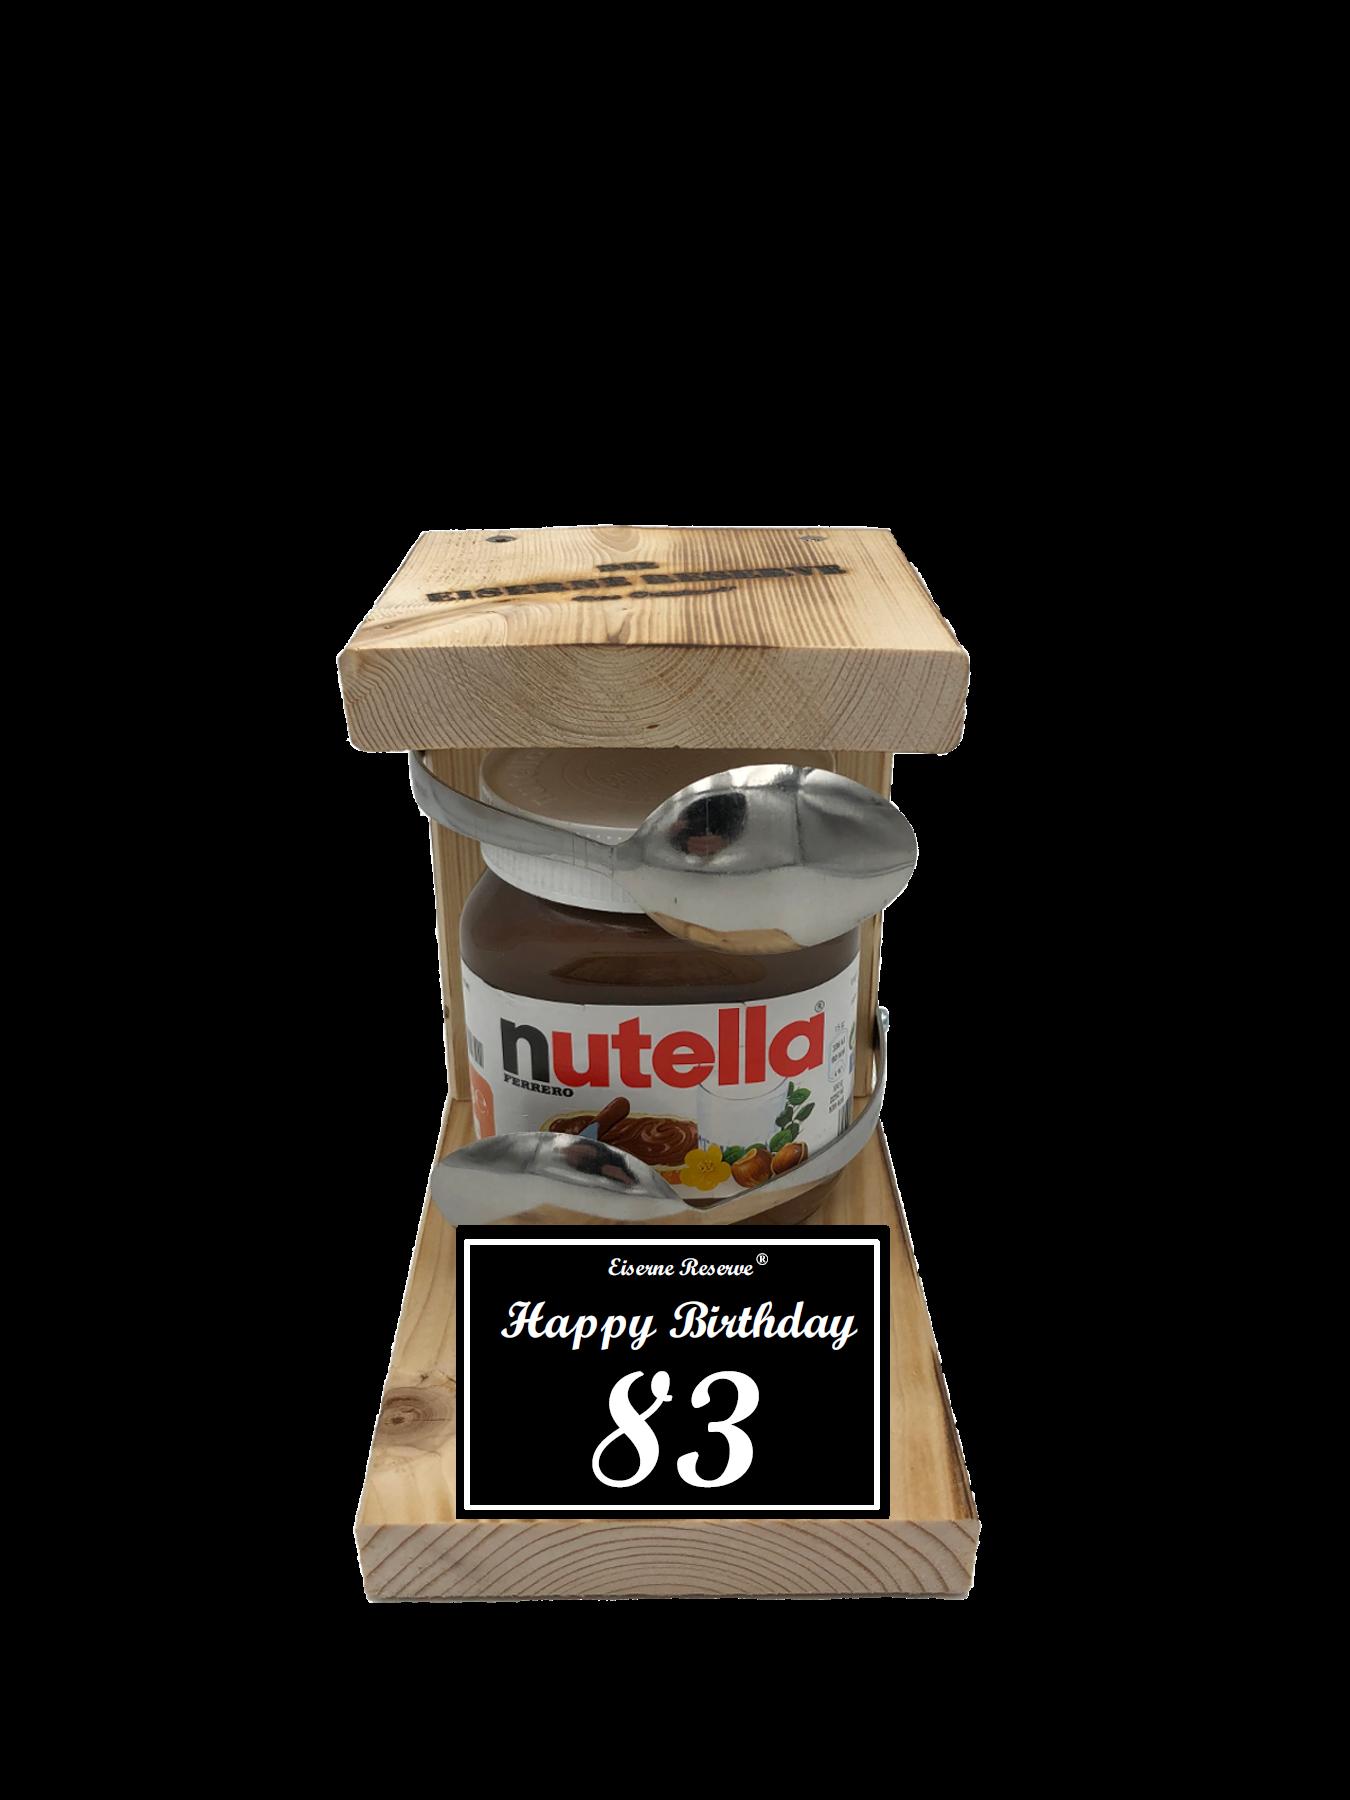 83 Happy Birthday Löffel Nutella Geschenk - Die Nutella Geschenkidee